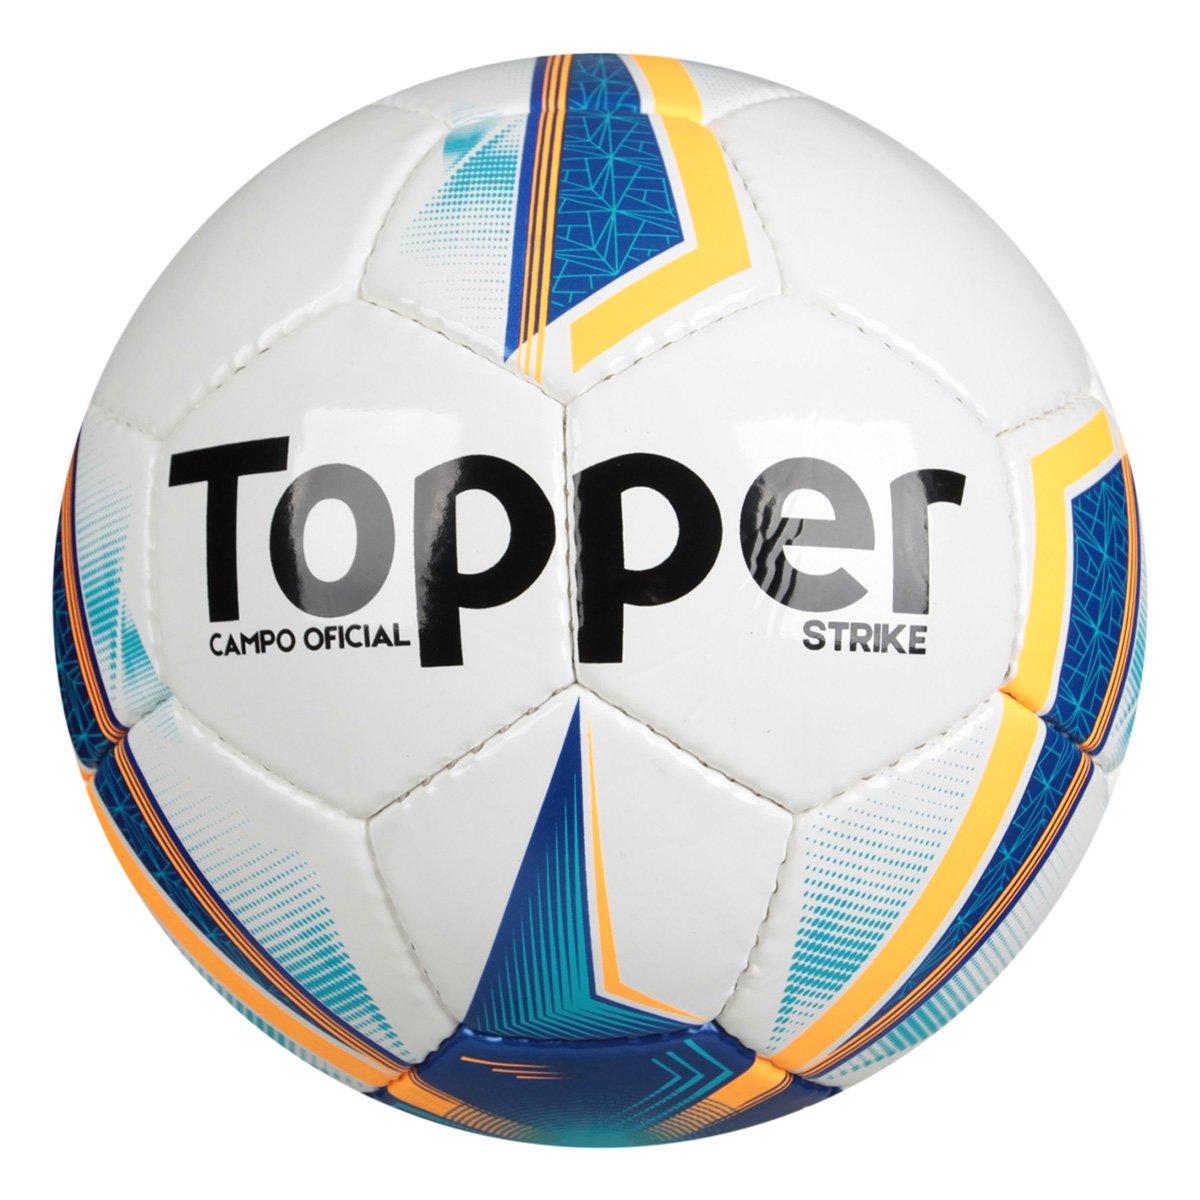 c208b55d410cc Bola Futebol Campo Topper Strike IX - Compre Agora